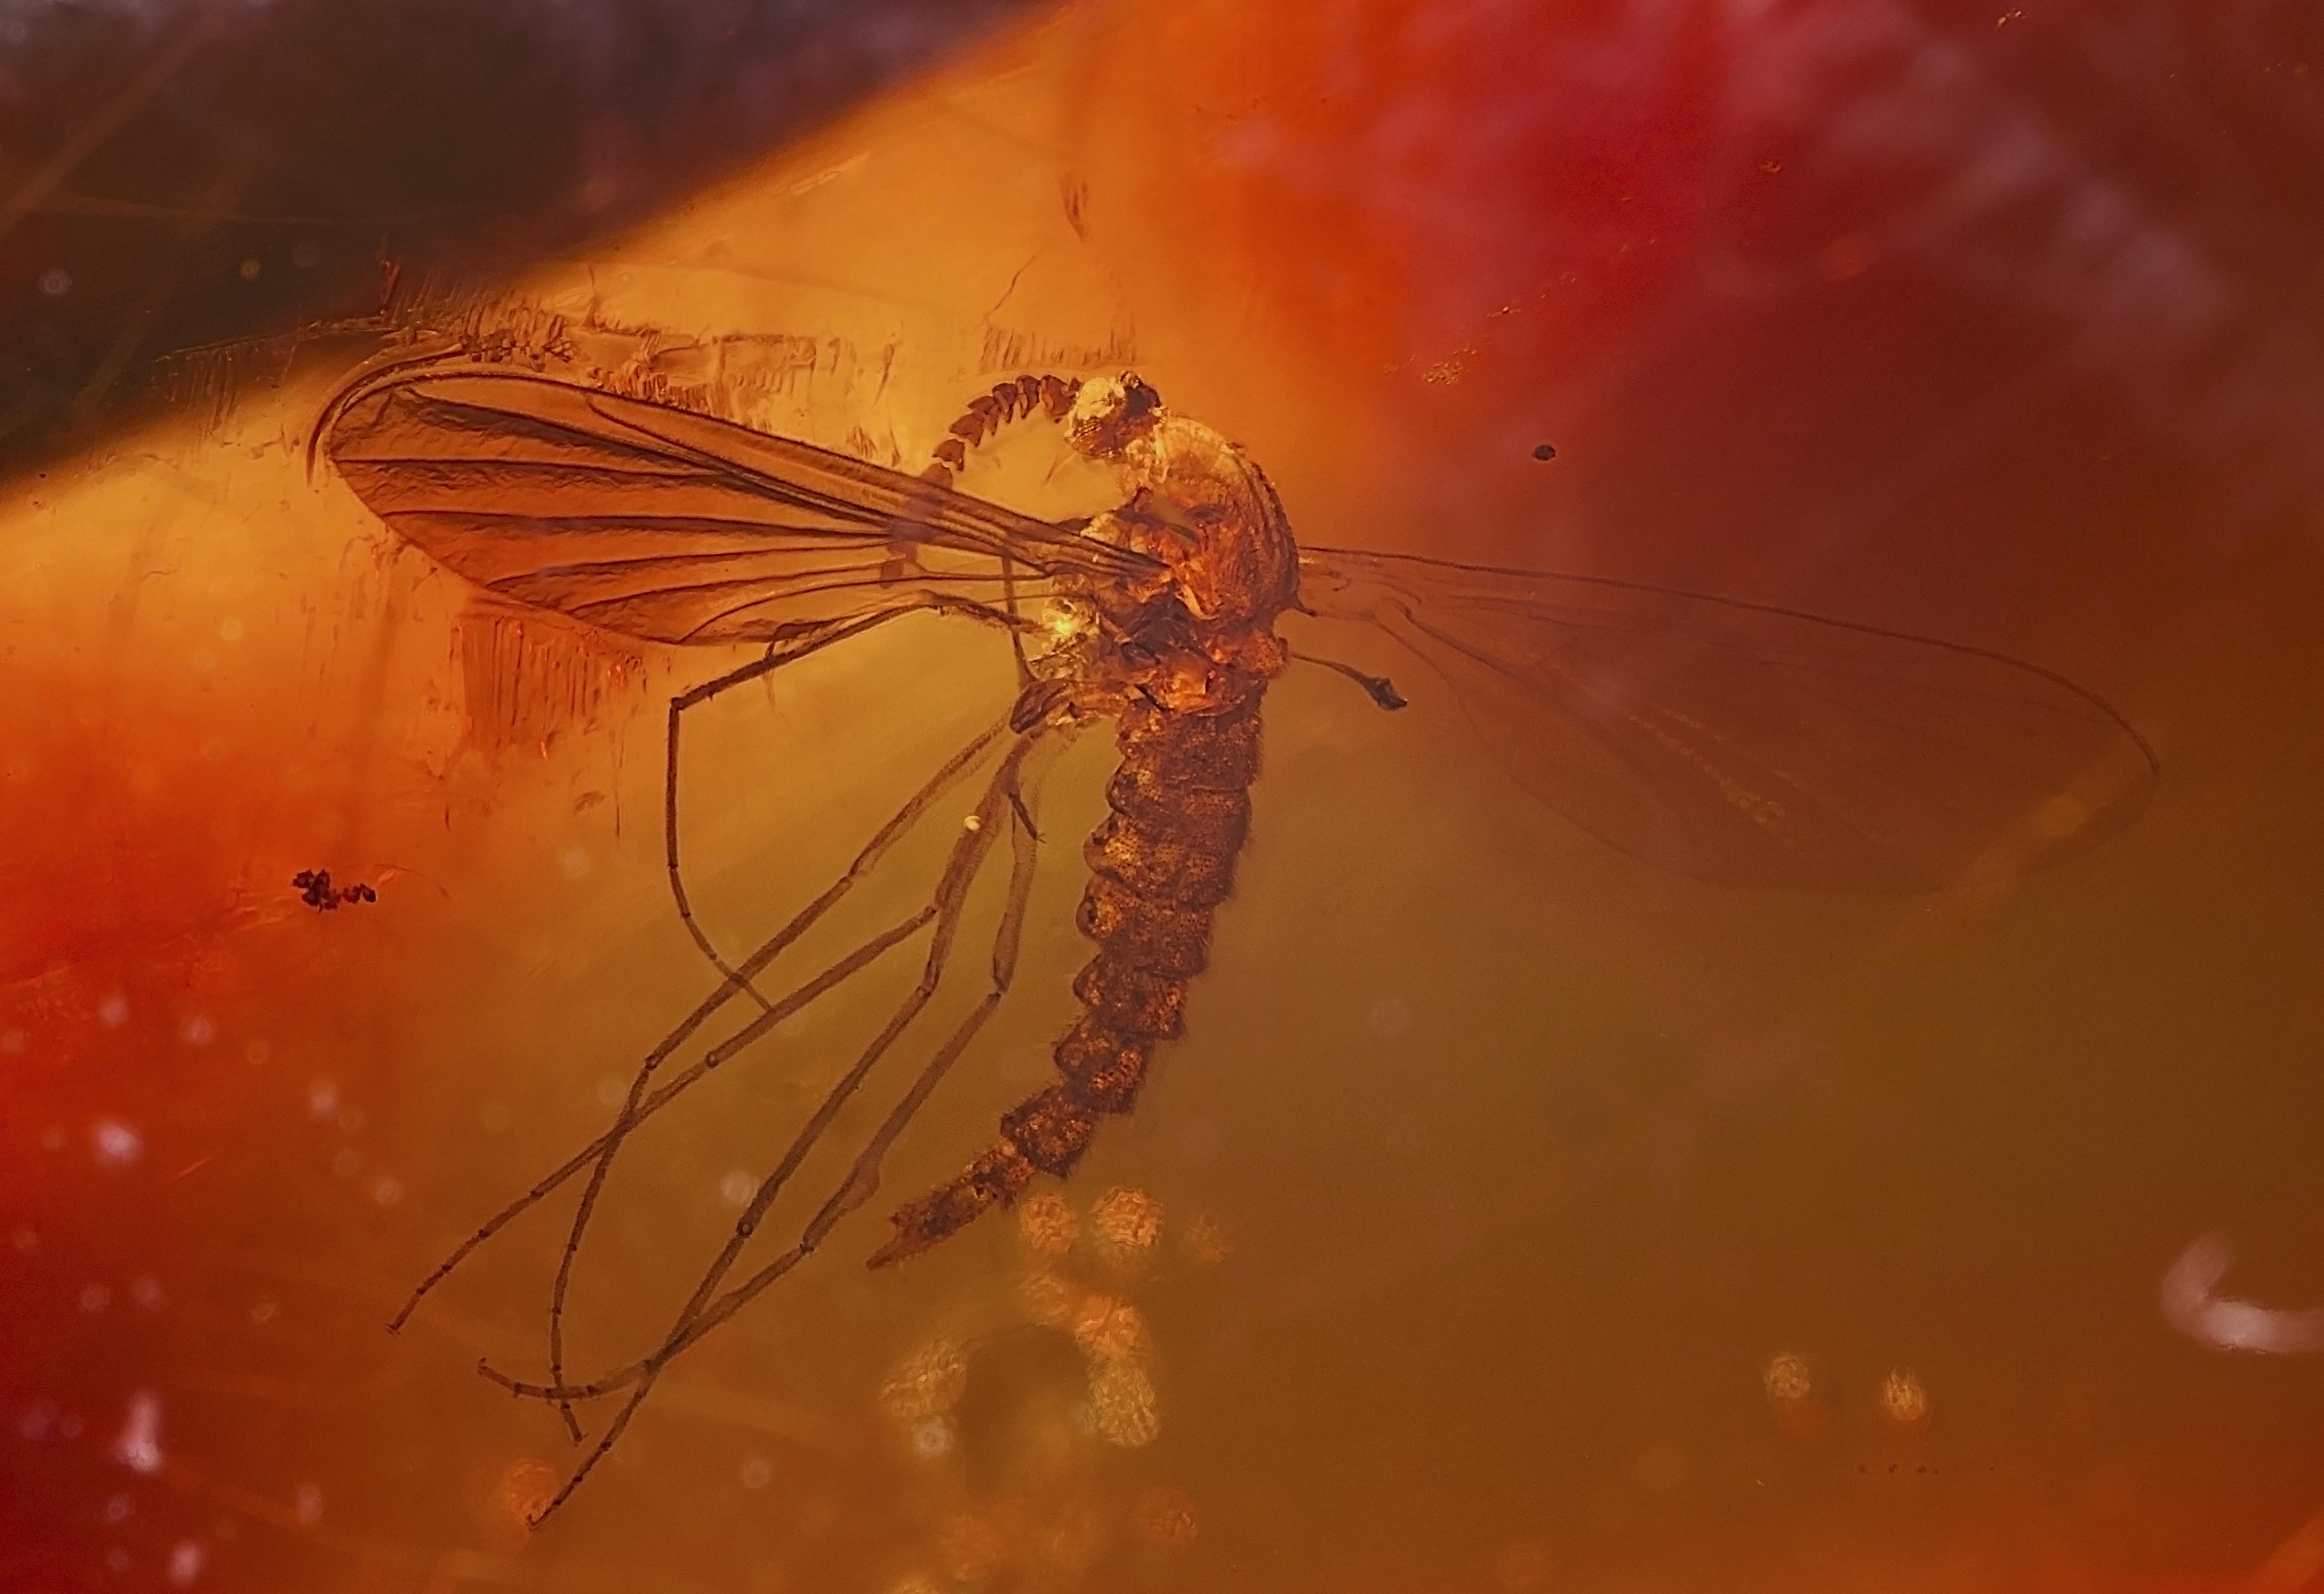 Dominik Cummhuriyeti'nde Kuzey Cordillera'da bulunan Erken Miyosen döneminden (yaklaşık 20 milyon yıl önce) kalma içinde sivrisinek (1.2 cm) bulunan kehribar.